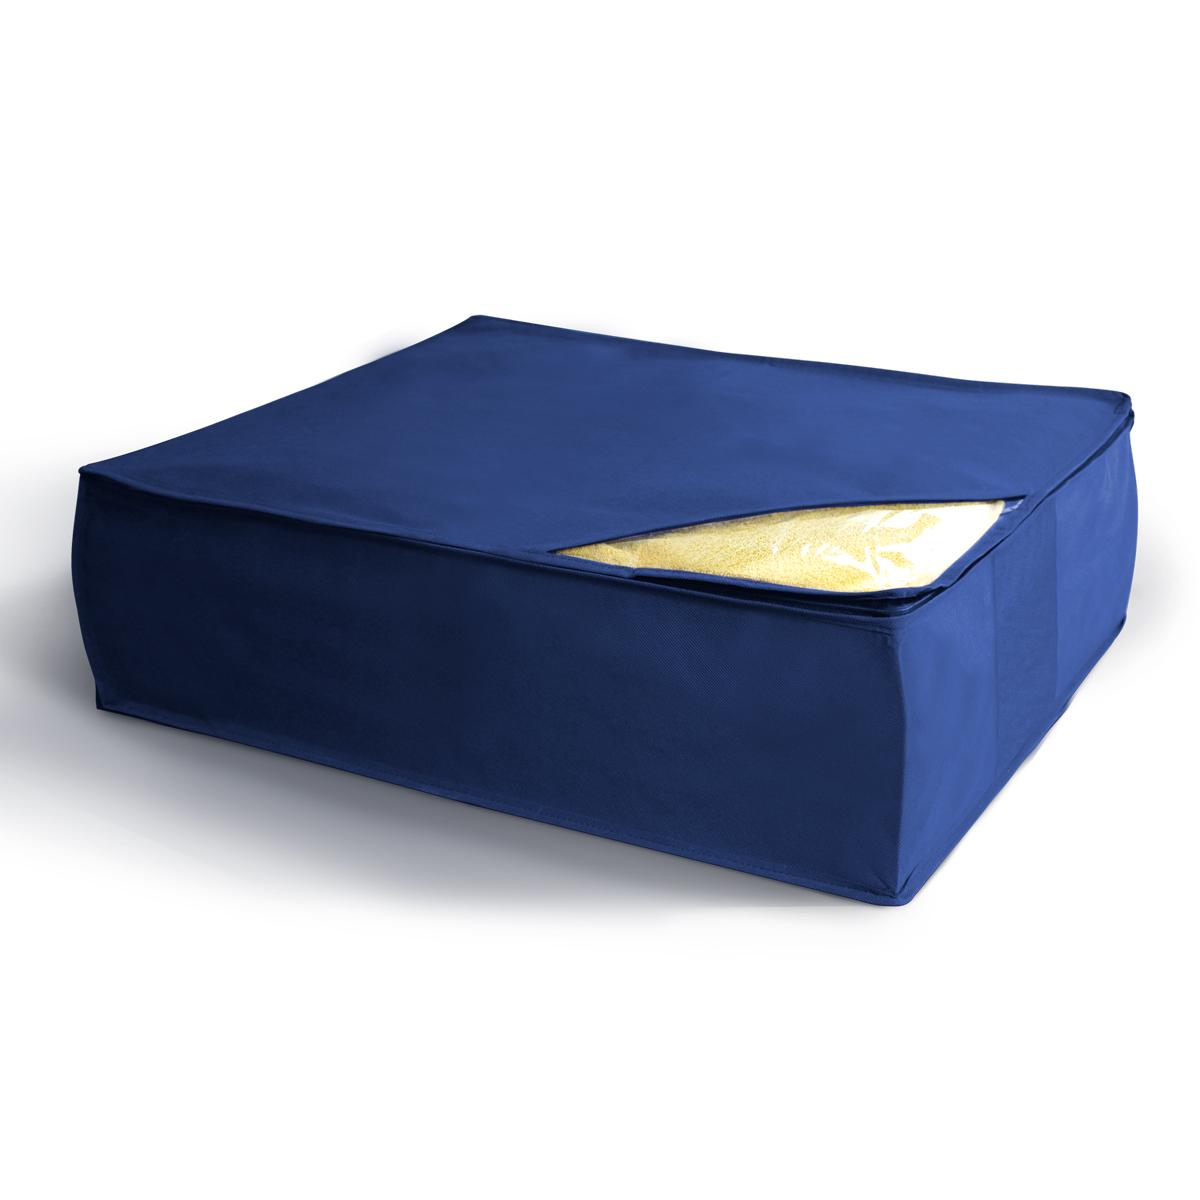 Кофр для хранения Miolla, складной, цвет: синий, 50 х 58 х 19 смCHL-5-5Компактный складной кофр Miolla для хранения одеял, подушек и пледов изготовлен из высококачественногонетканого материала, которыйобеспечивает естественную вентиляцию, позволяя воздуху проникать внутрь,но не пропускает пыль. Изделие закрывается на молнию. Размер кофра (в собранном виде): 50 x 58 x 19 см.